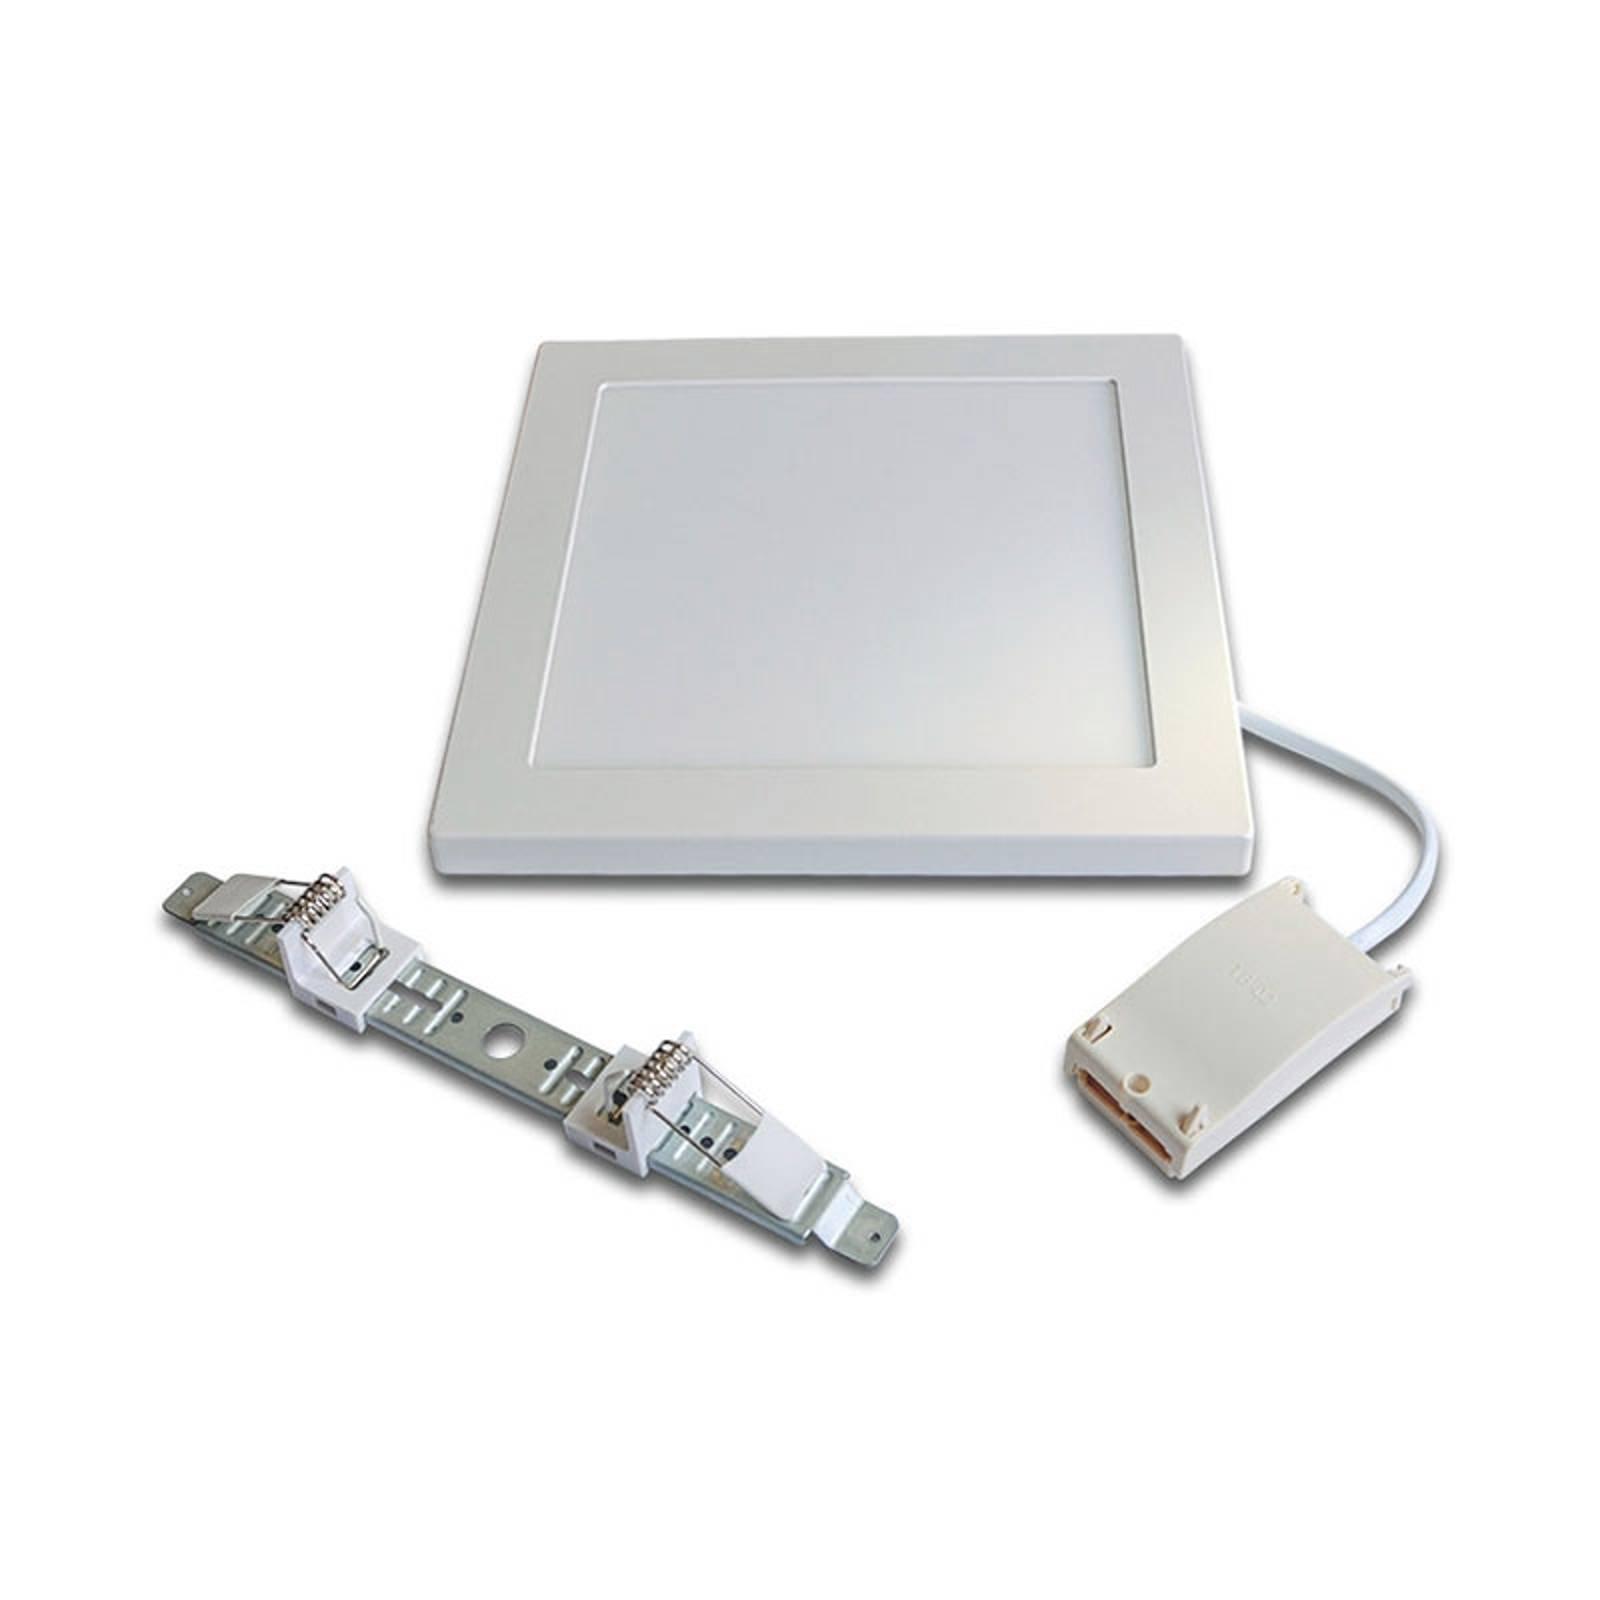 LED-pære FQ 65/205, inn-/påmontering, 3 000 K